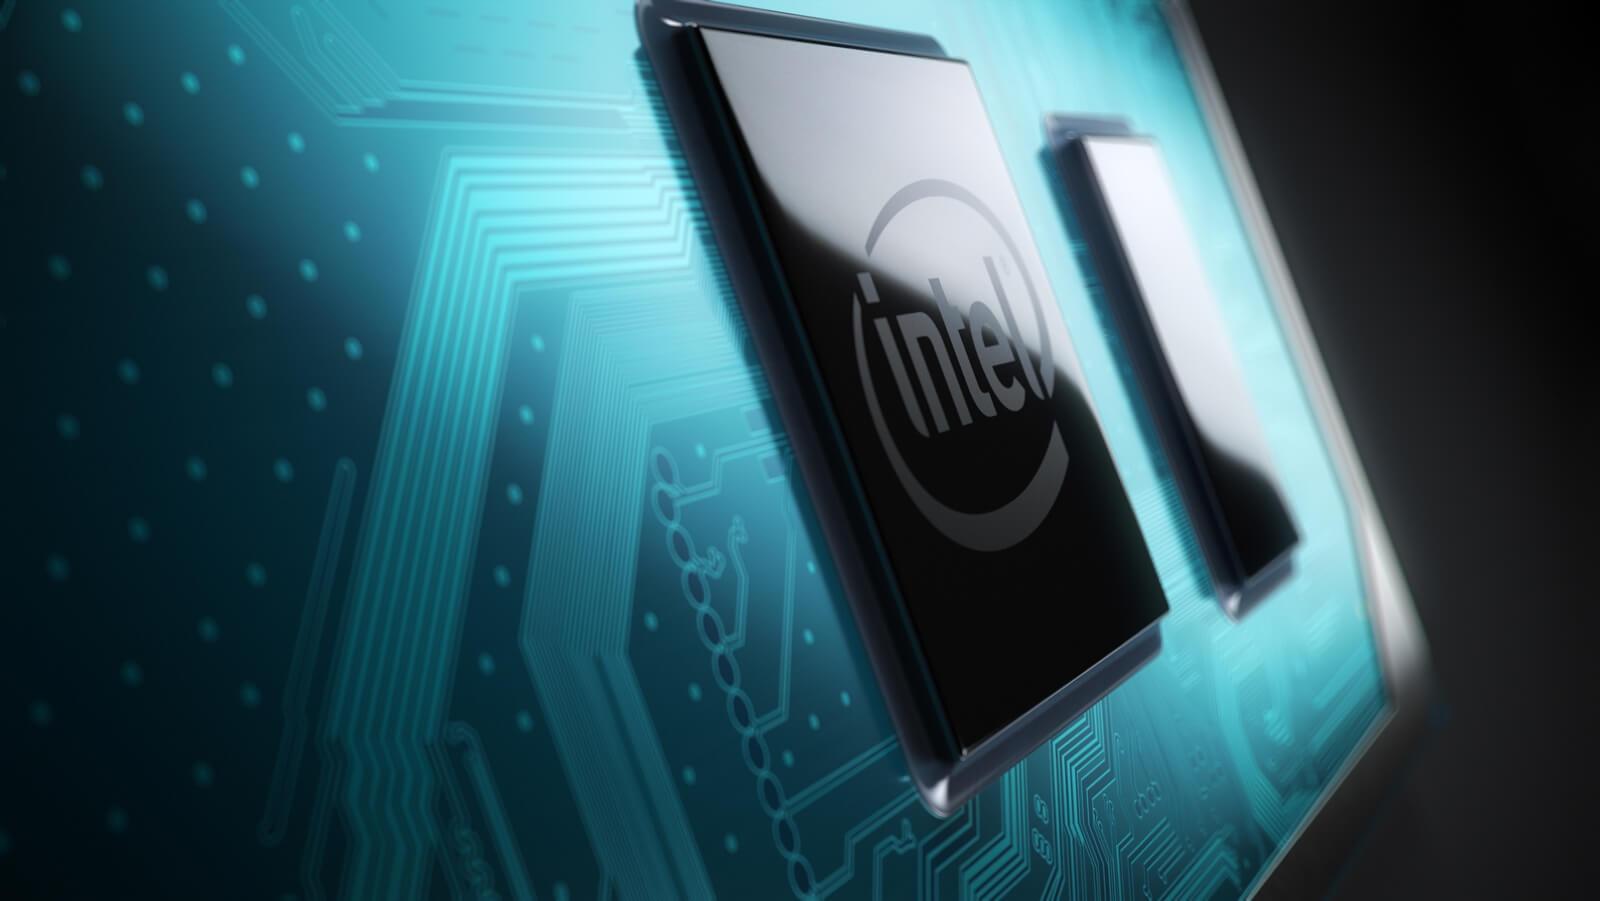 Встроенная графика Intel Iris Plus G7 отлично показала себя в тестах и плохо в играх